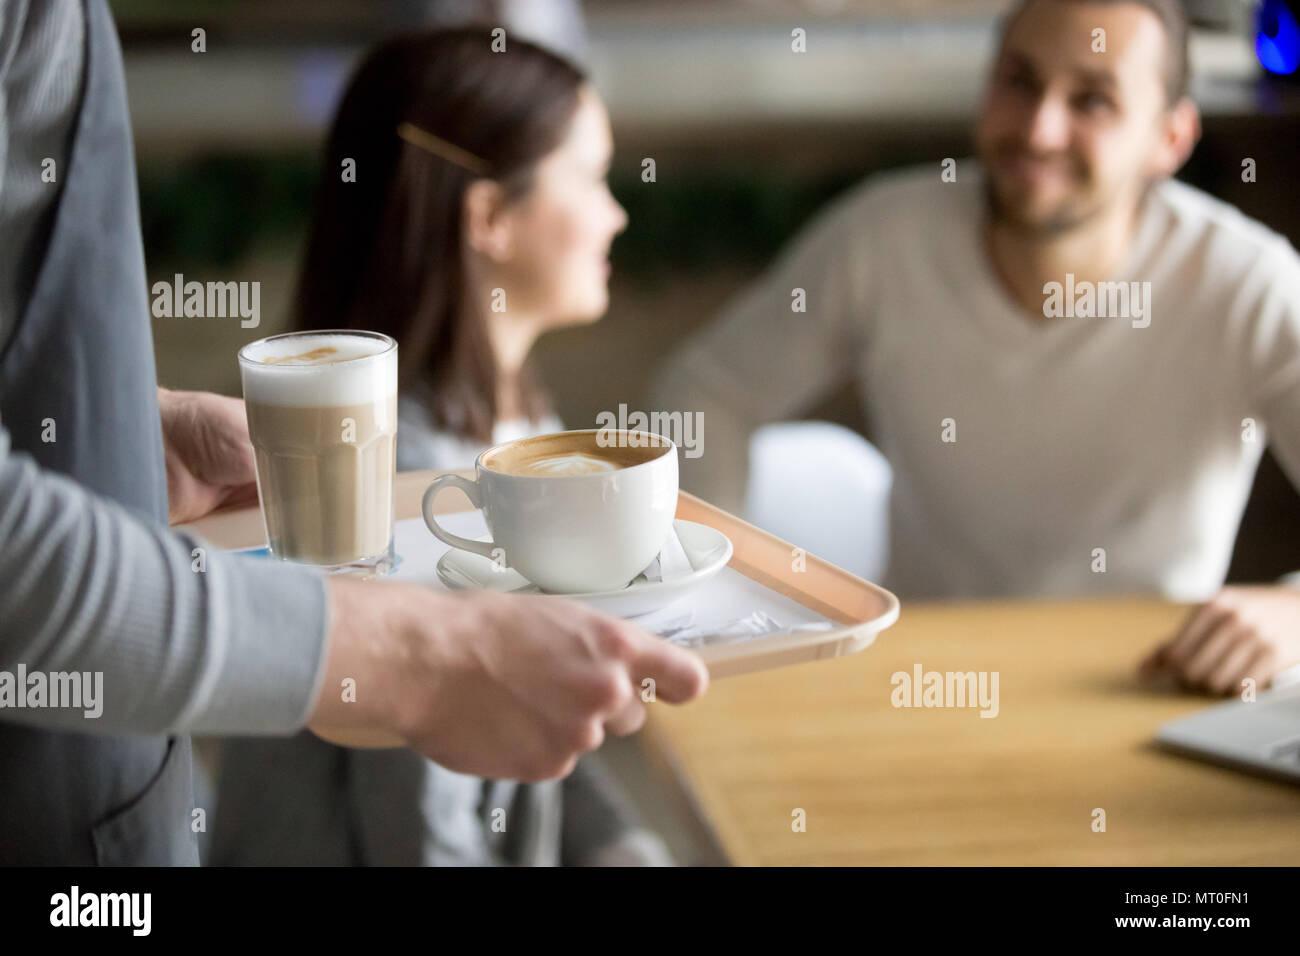 La cameriera che serve il cappuccino e il latte al giovane in cafe, primo piano Immagini Stock